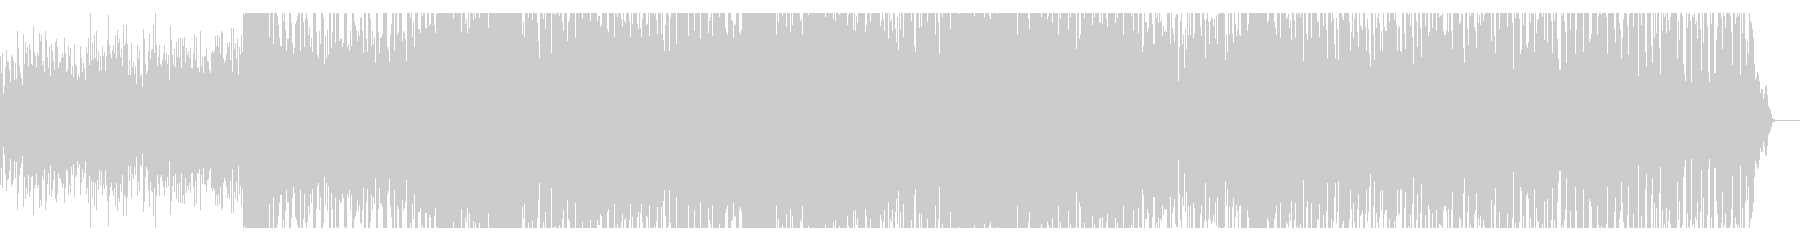 デジタルな商品説明向けテクノBGMの未再生の波形